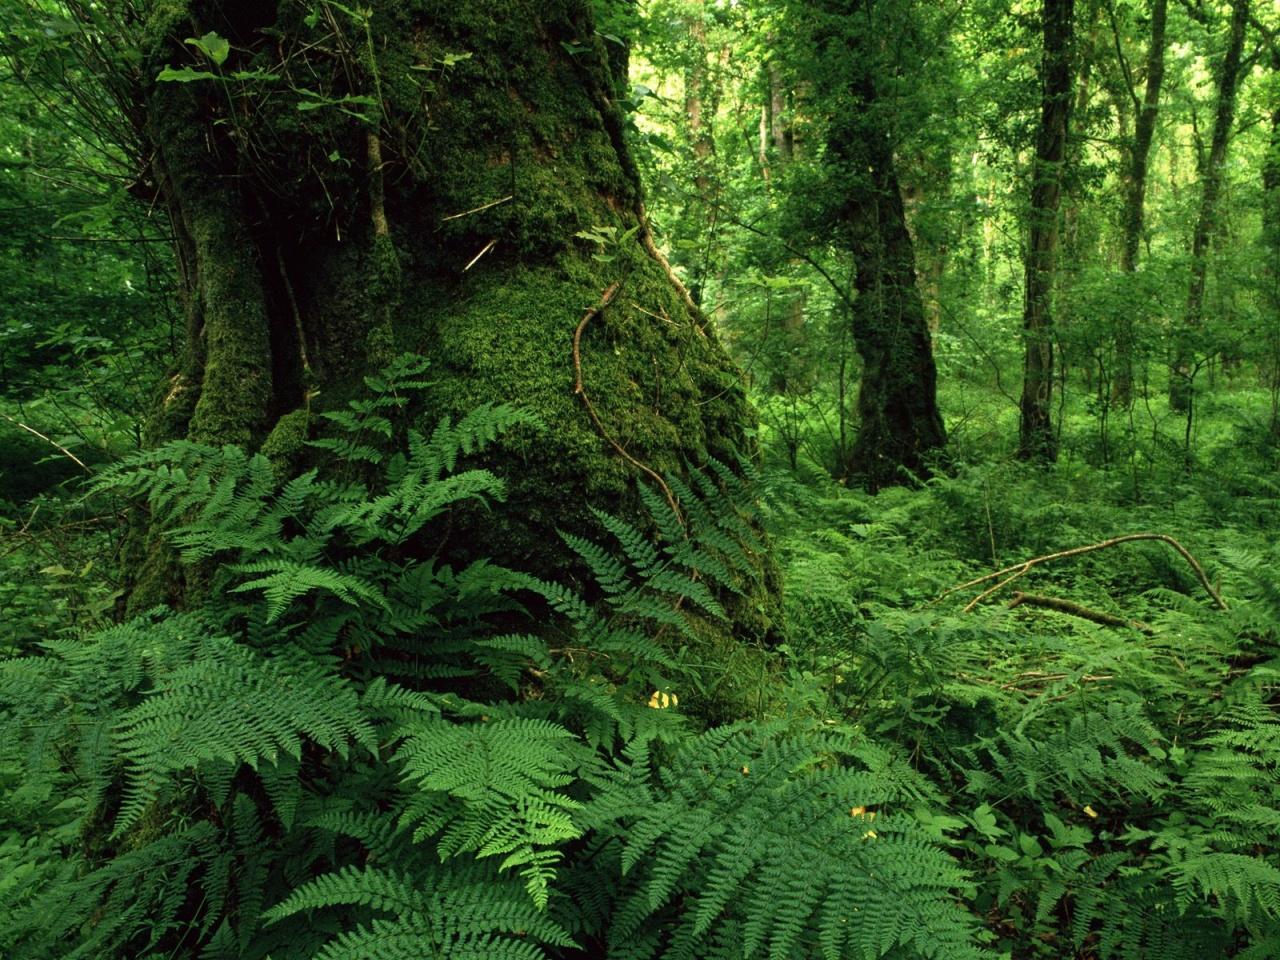 http://1.bp.blogspot.com/_uTGKd6u5pJ4/TSPlro9YWLI/AAAAAAAAAUc/ZZg43yfvXSc/s1600/Big-tree-Lough-key-forest-park-ireland-Nature-wallpaper-1280x960.jpg